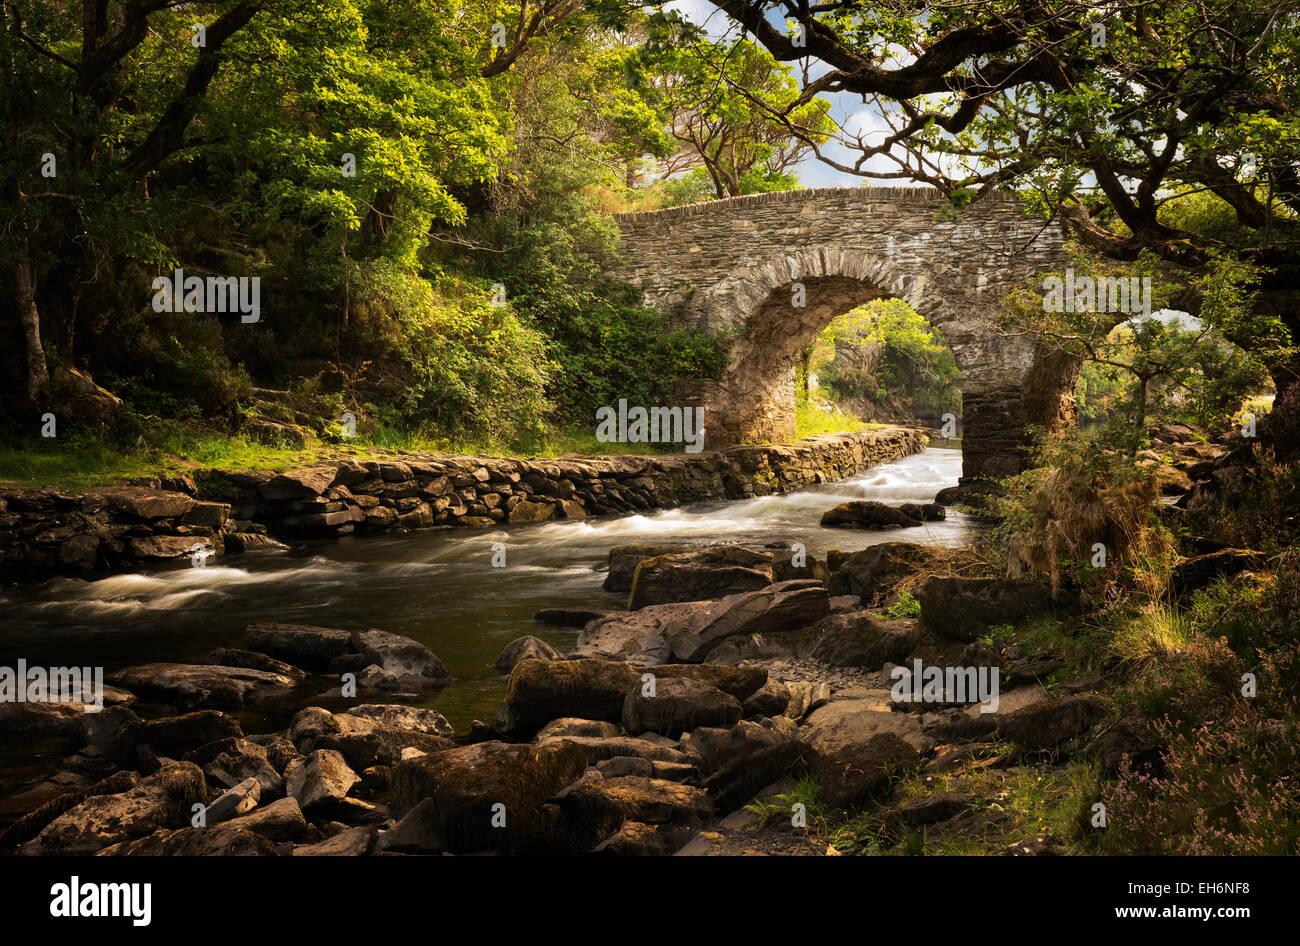 Old Weir bridge. Kilanrney Lagos, el Gap of Dunloe. El Parque Nacional de Killarney, Irlanda Imagen De Stock